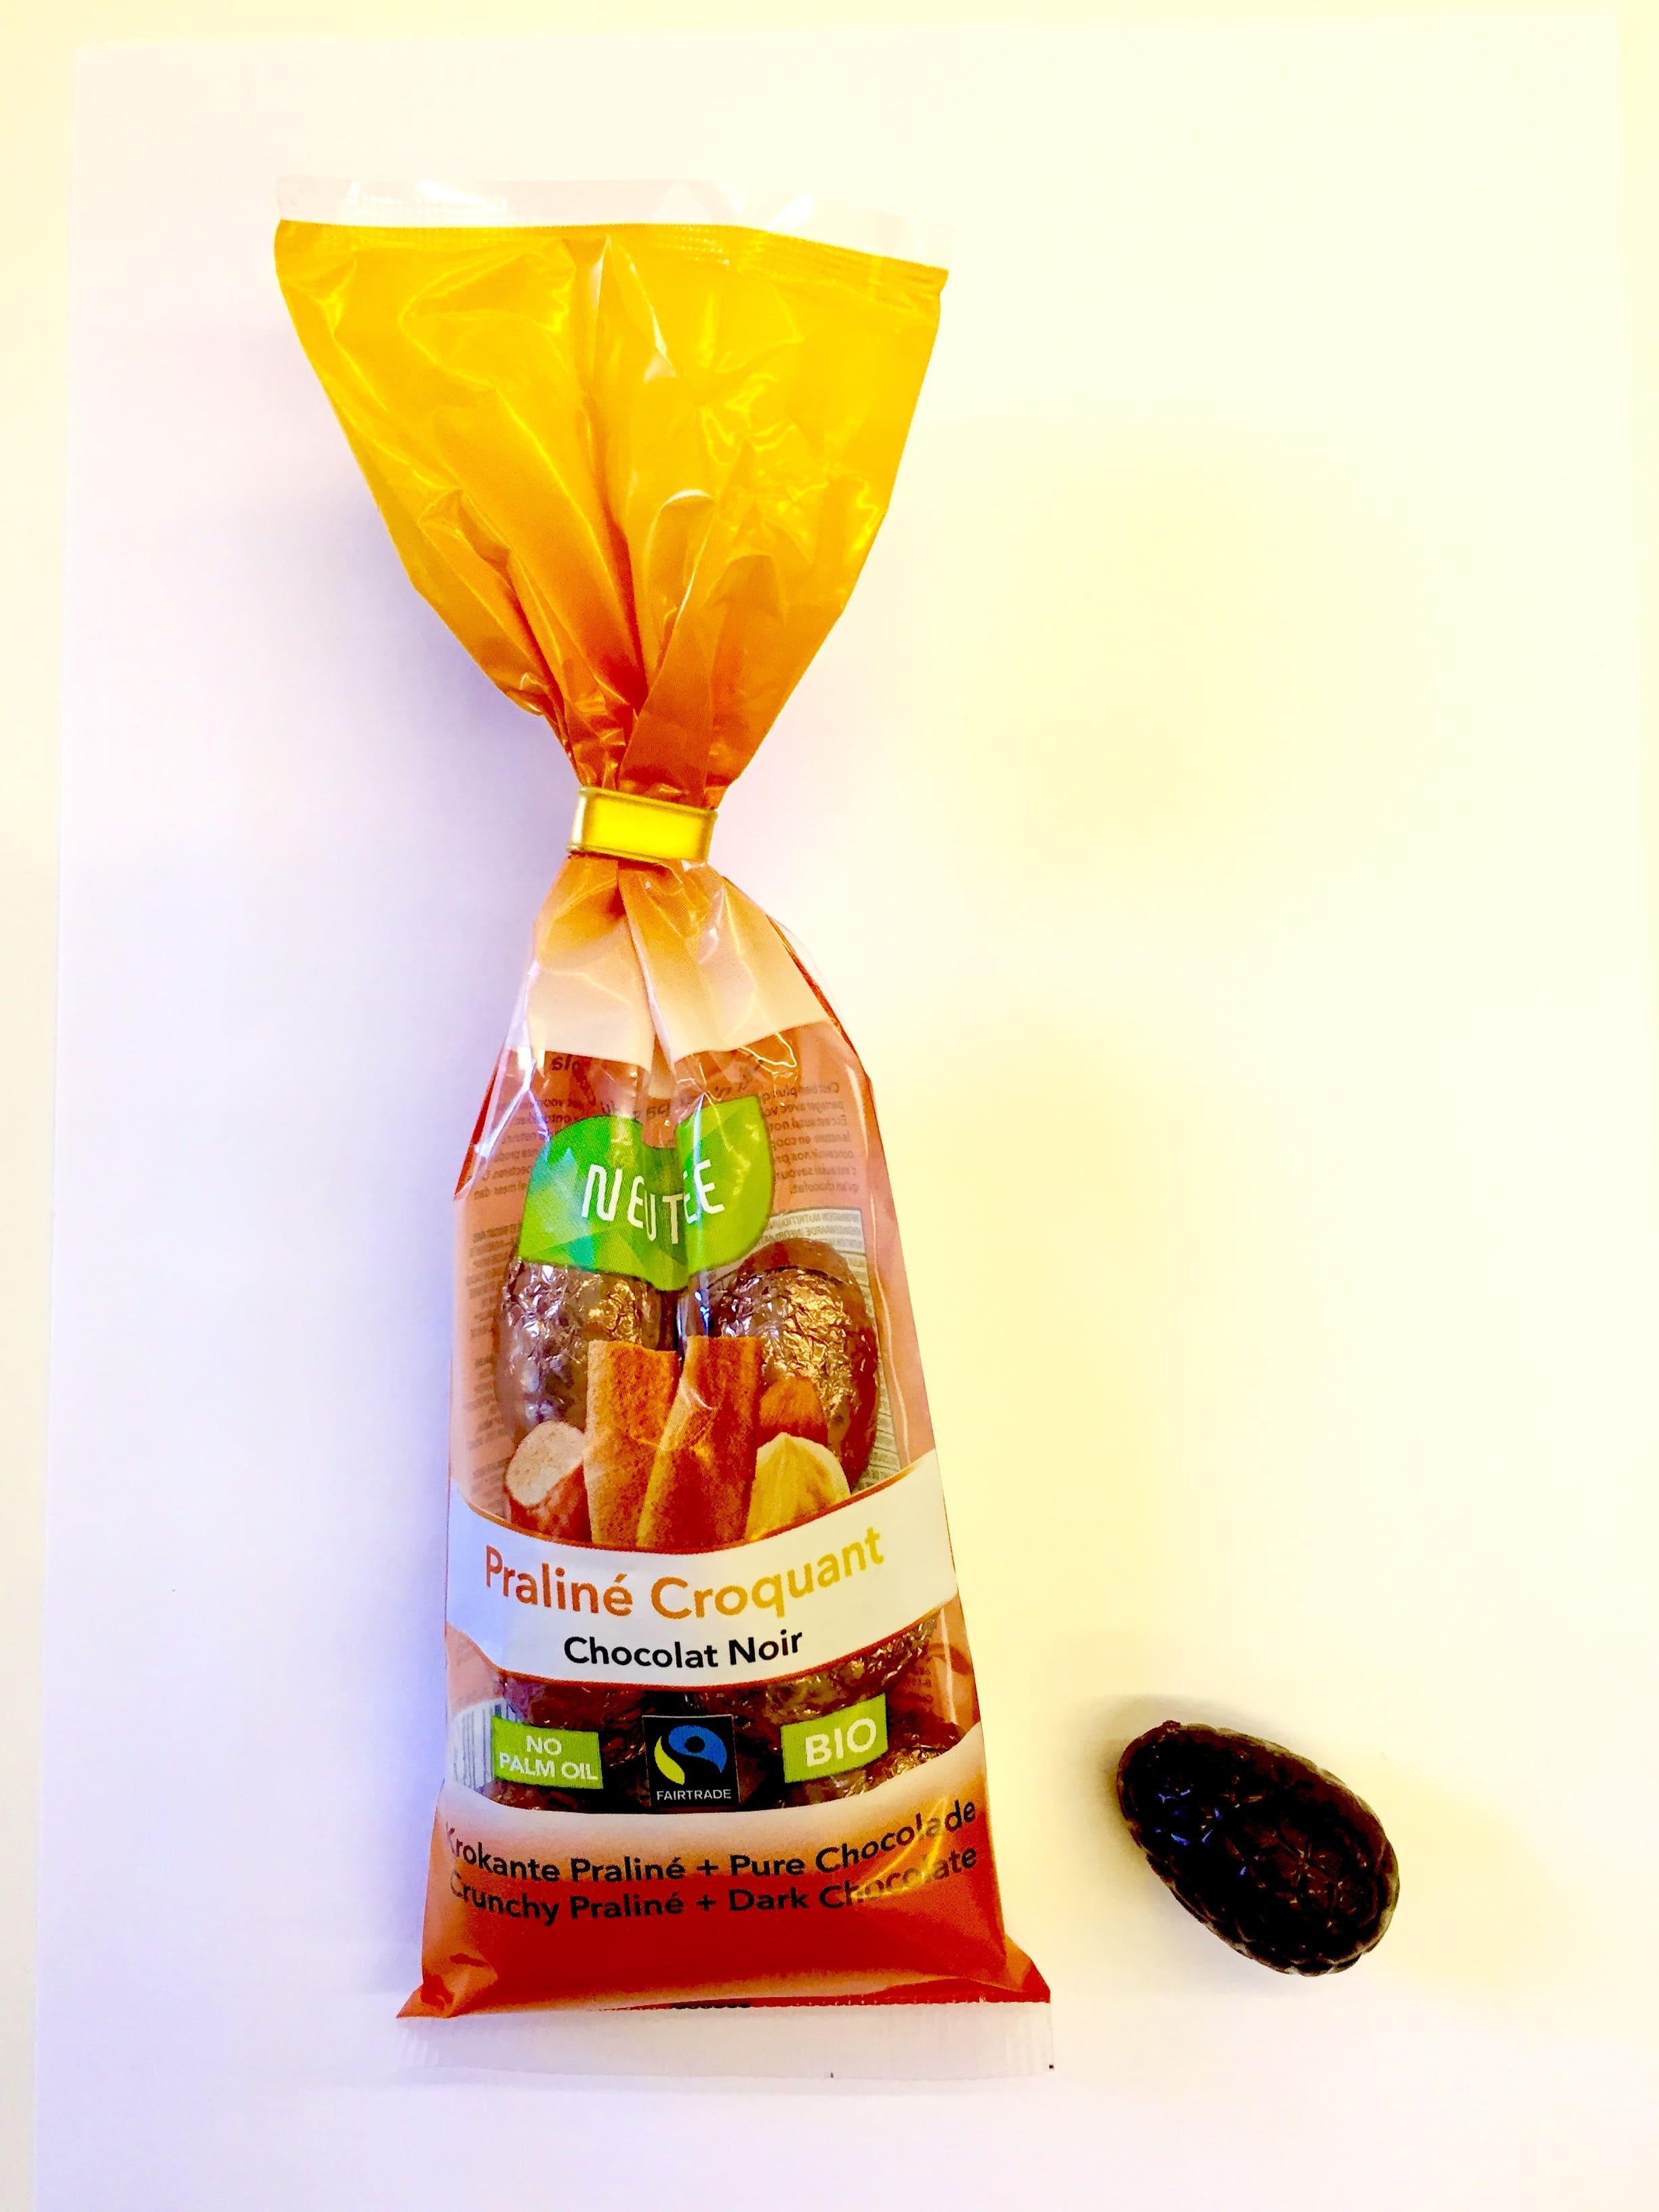 Newtree - Oeufs au chocolat noir praliné croquant - 91 gr